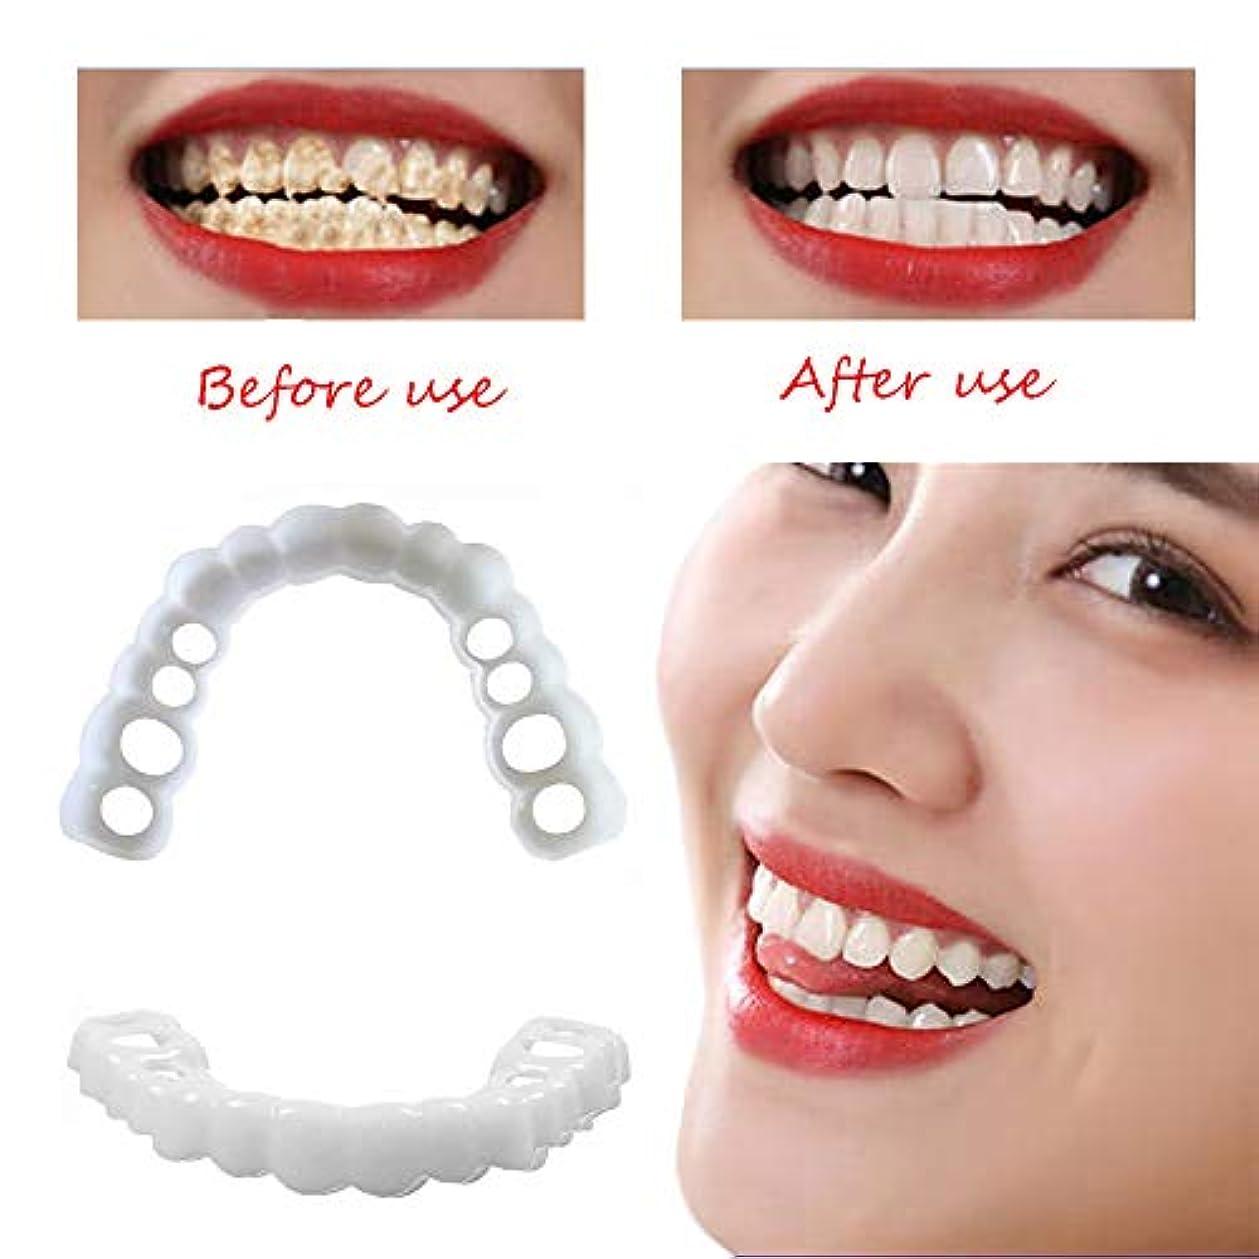 ダイジェストソーダ水関与する歯の入れ歯歯の化粧品一時的な笑顔の快適フィット化粧品の歯の入れ歯(4ペア、白),10Pairs